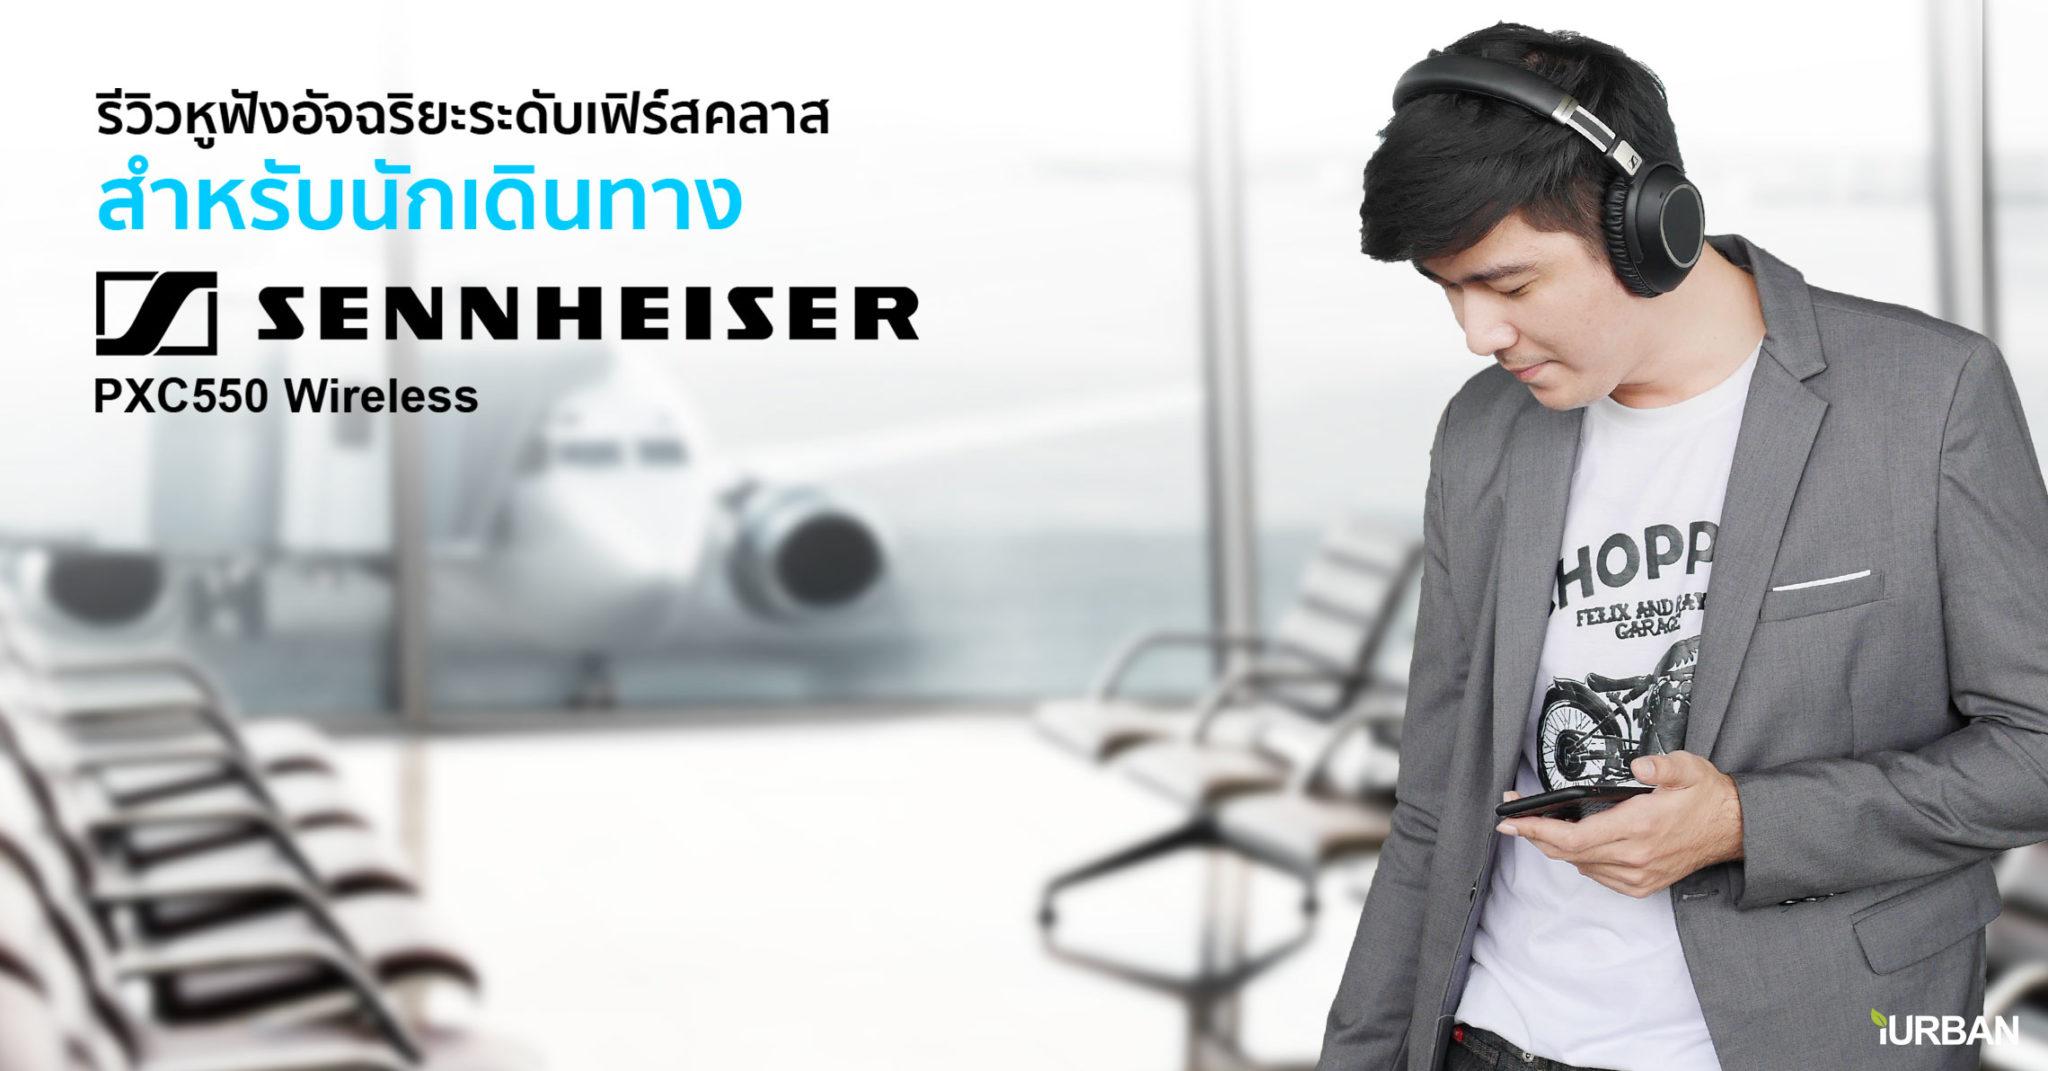 รีวิว Sennheiser PXC 550 Wireless หูฟังอัจฉริยะระดับเฟิร์สคลาส คู่ใจสำหรับนักเดินทาง 13 - Premium